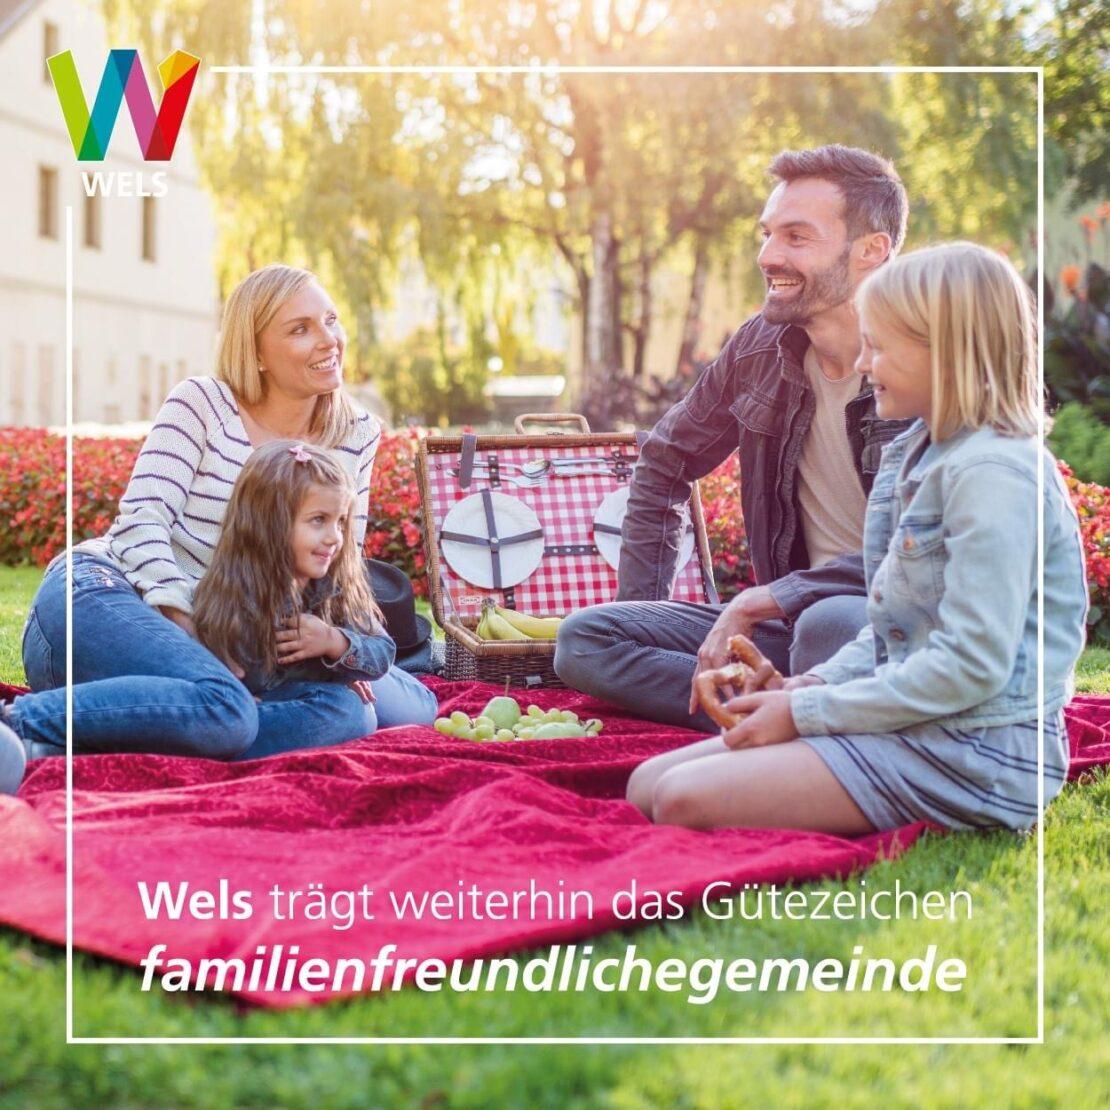 Familienfreundliches Wels